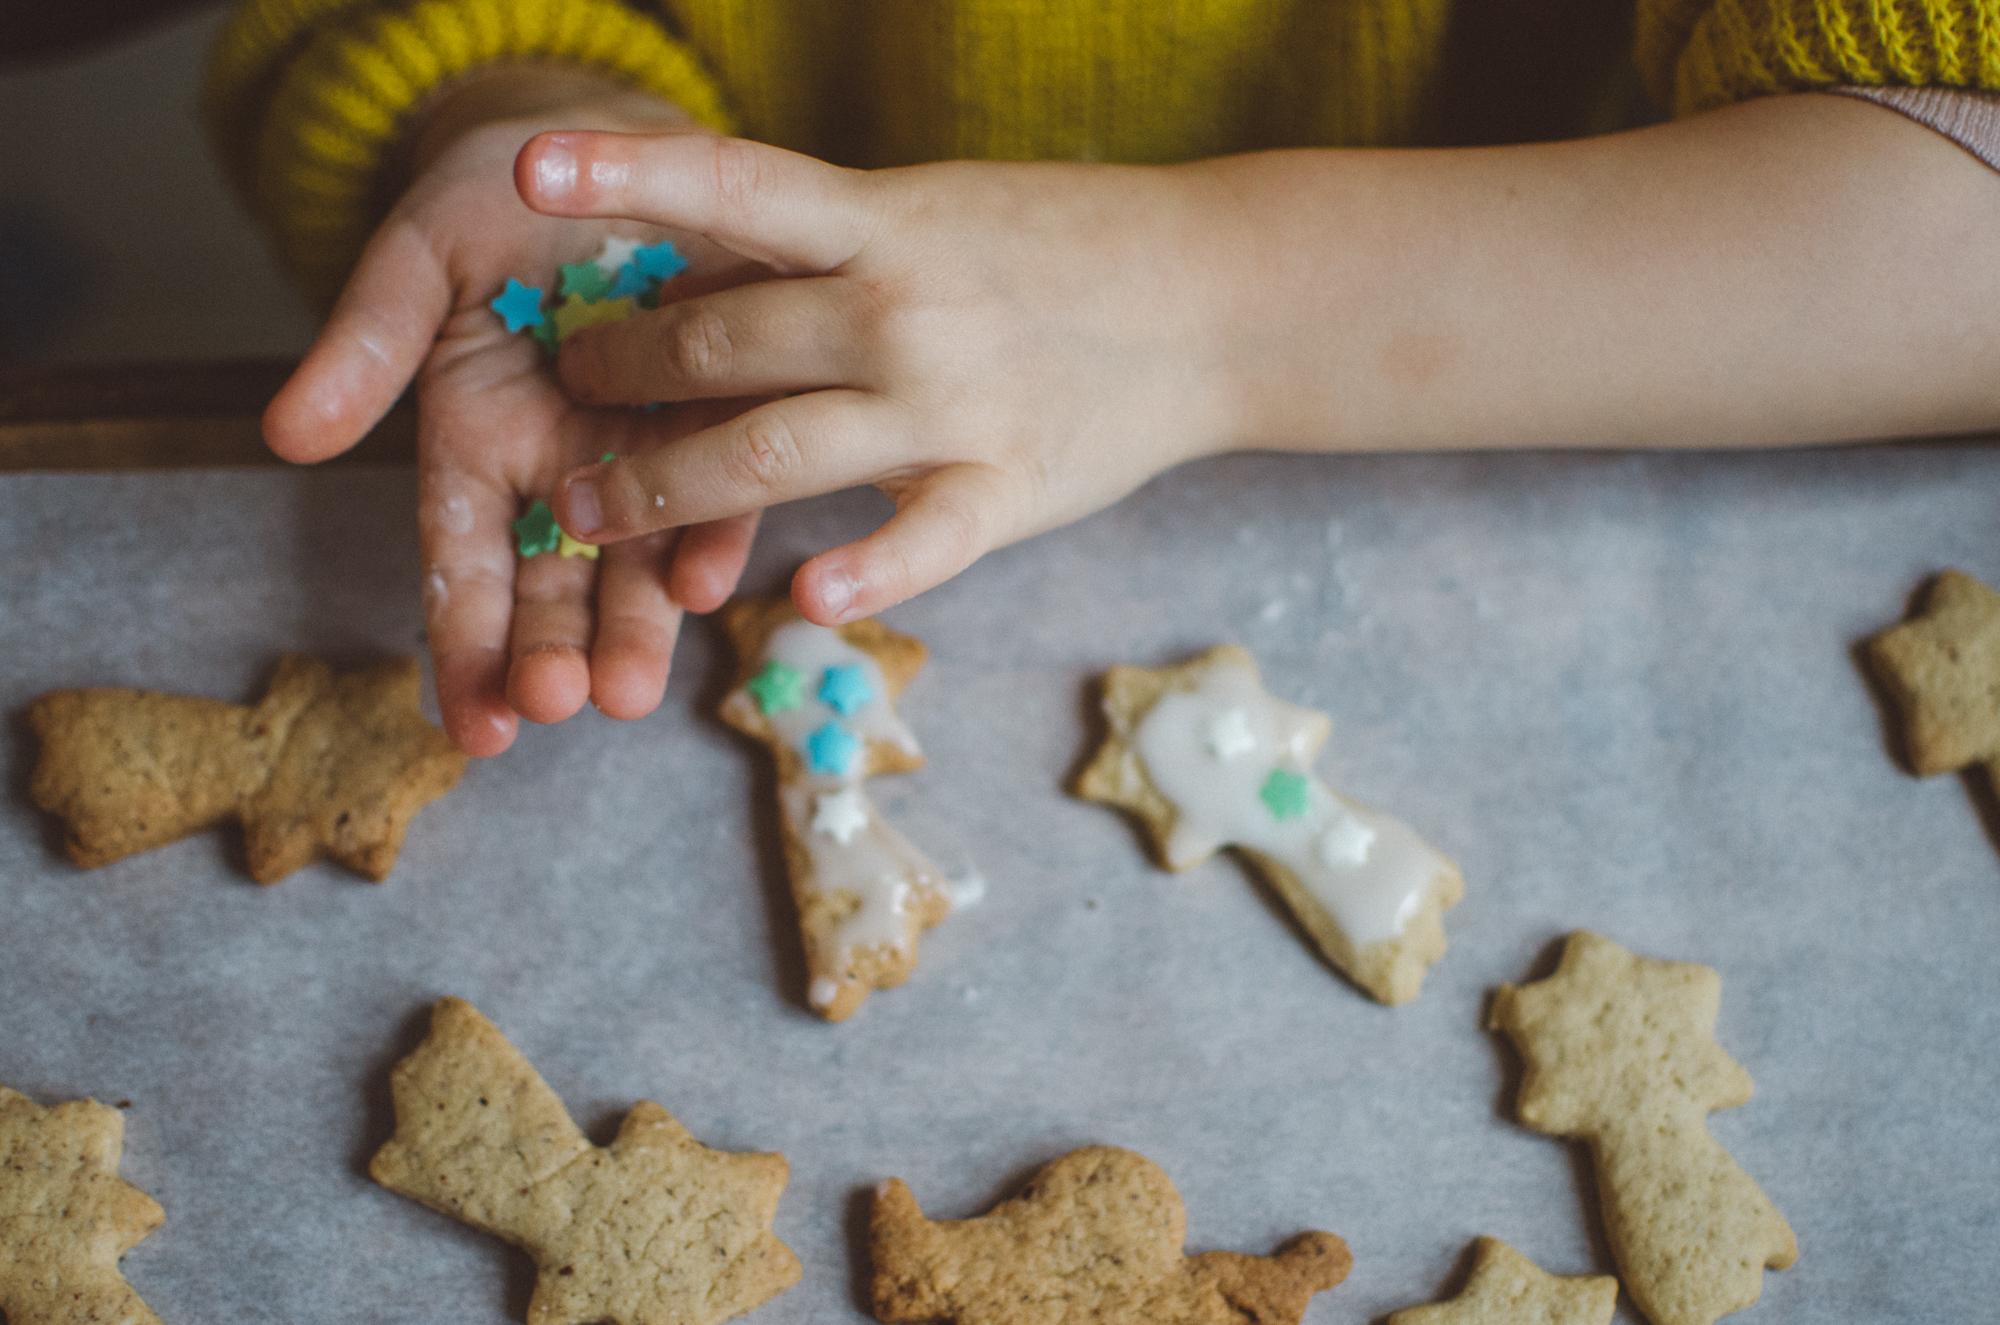 Zeit statt Geschenke schenken für Kinder, Adventskalender, Plätzchen backen